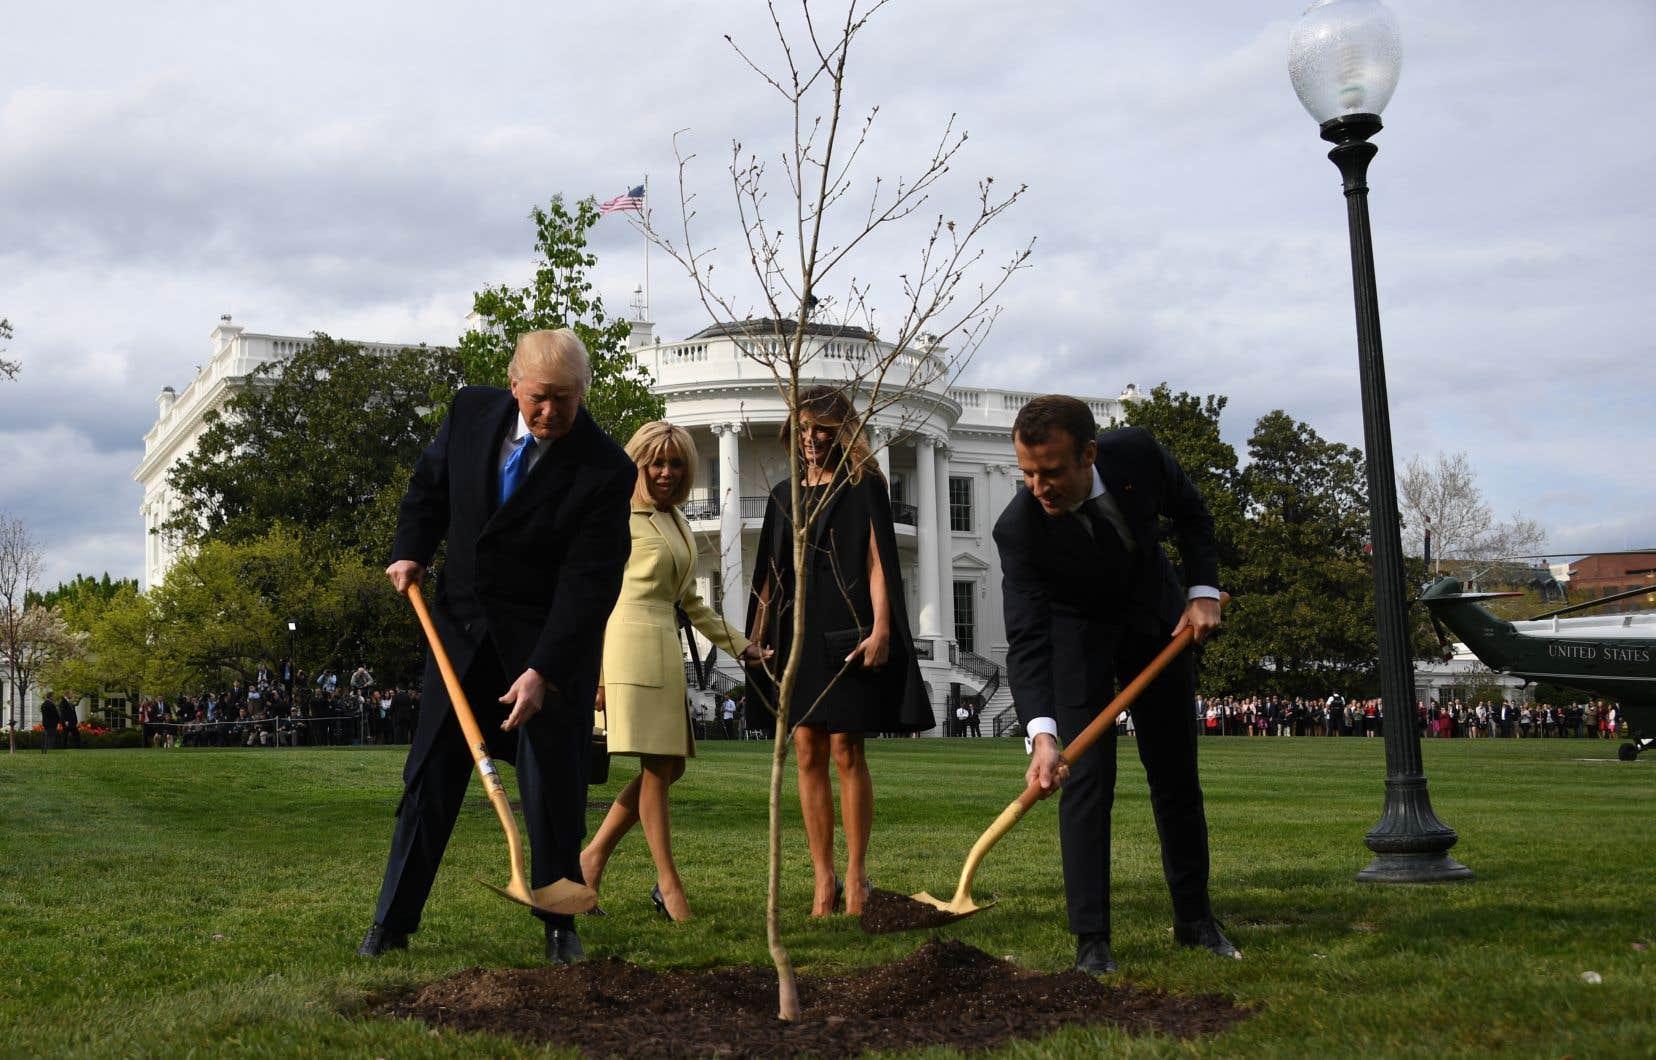 Le président américain, Donald Trump, et son homologue français, Emmanuel Macron, ont planté l'arbre devant la Maison-Blanche, en avril 2018.